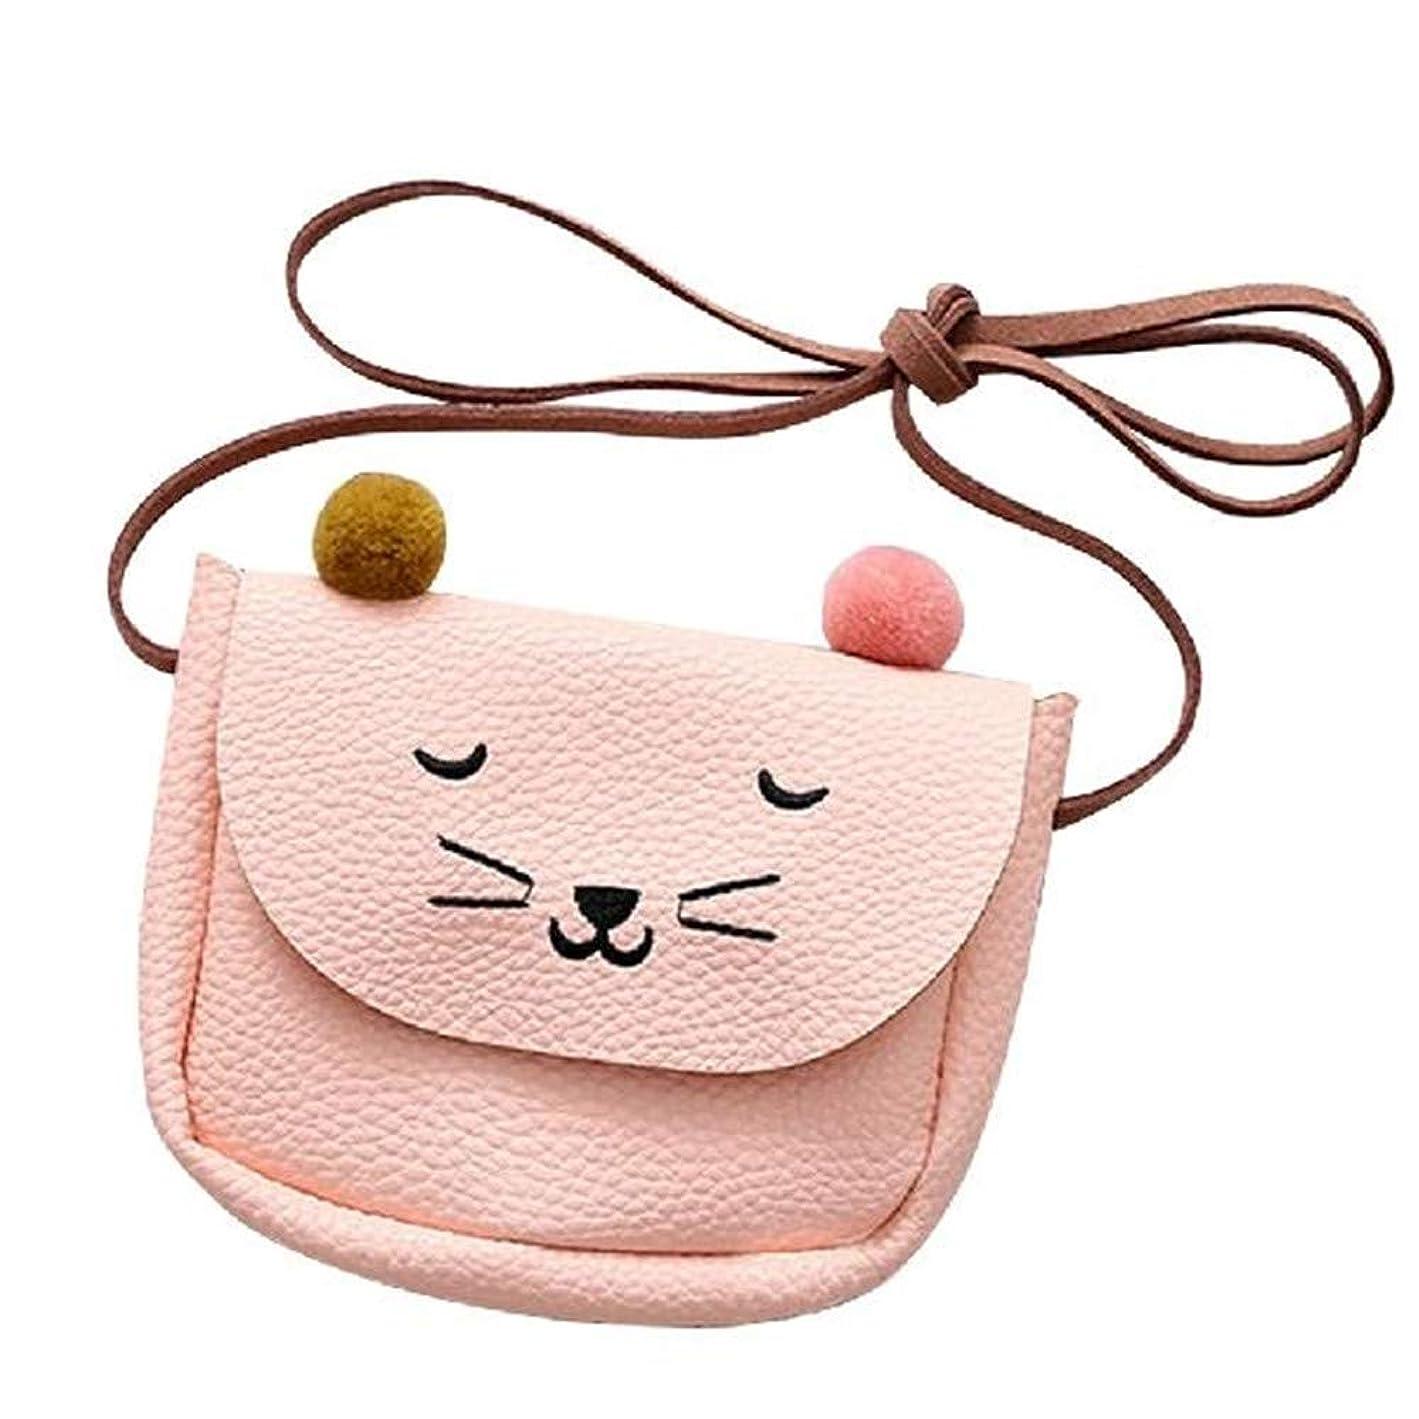 遊具毒三角形Kingsie キッズ ショルダーバッグ ポシェット 財布 かわいい 猫柄 コンパクト 斜め掛けバッグ 小銭入れ 小物入れ 子供 女の子